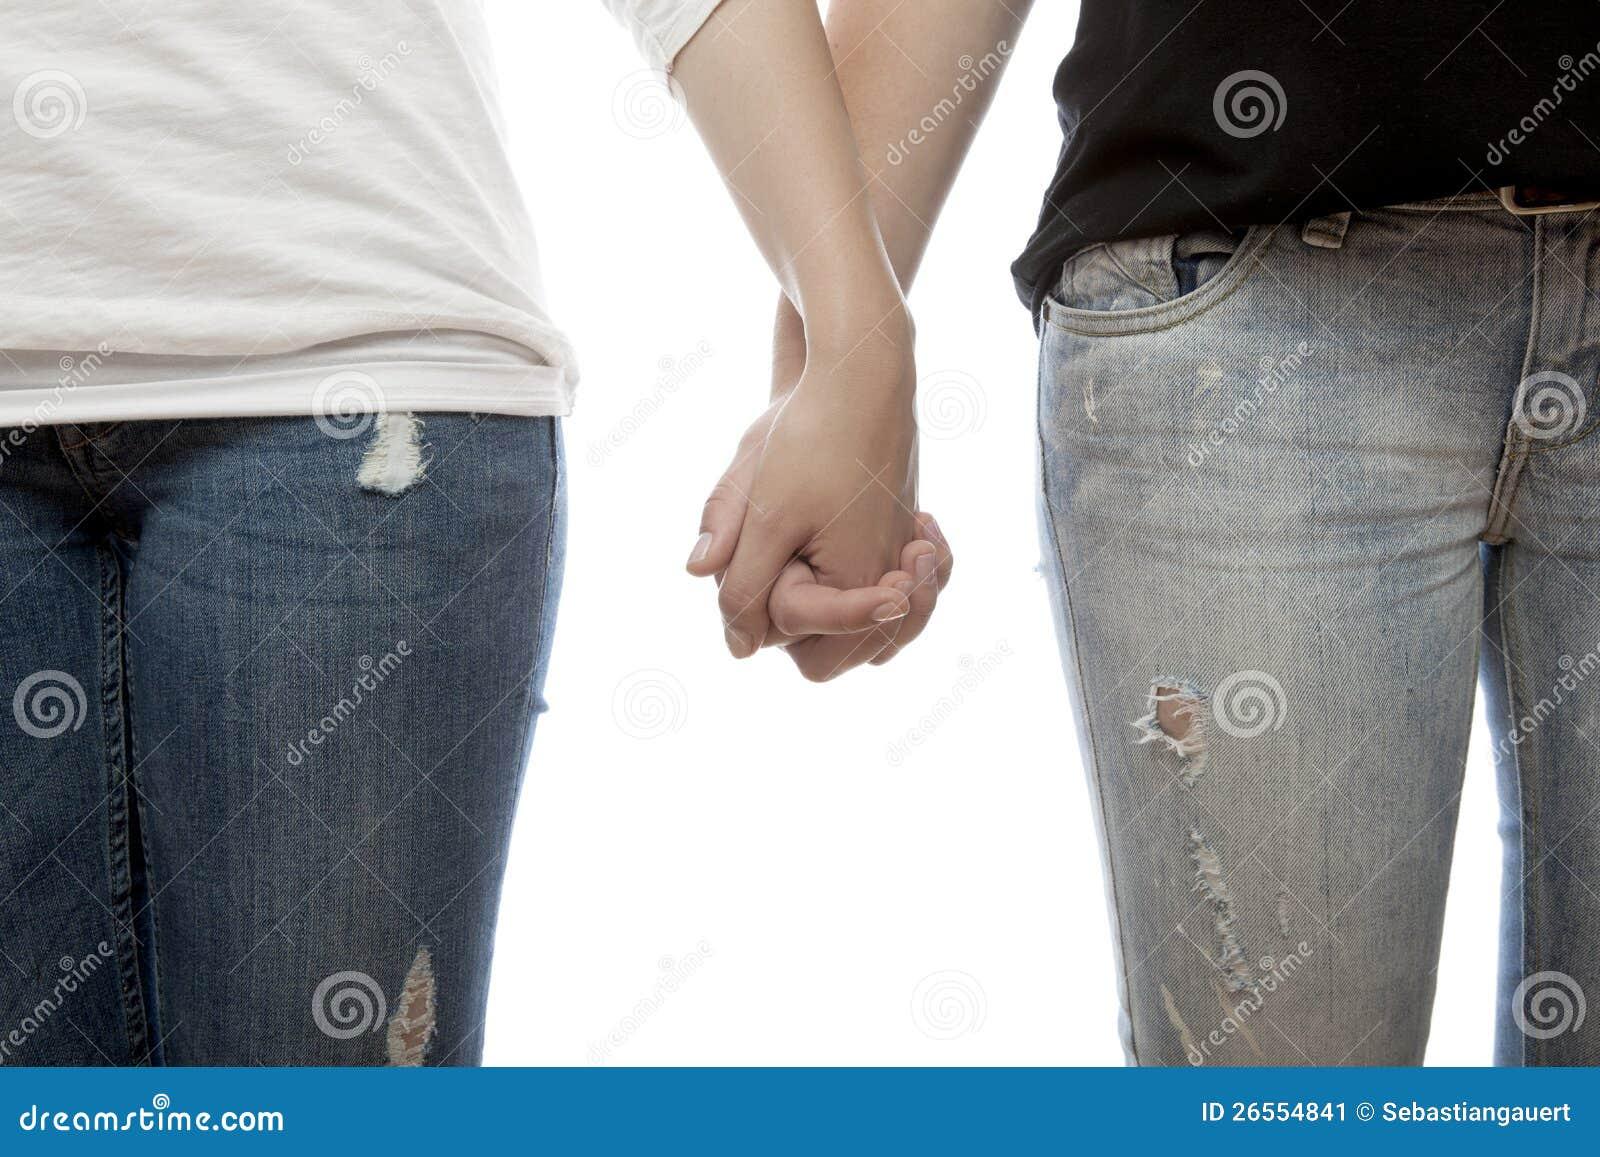 Gute Datierung würden Sie rathers